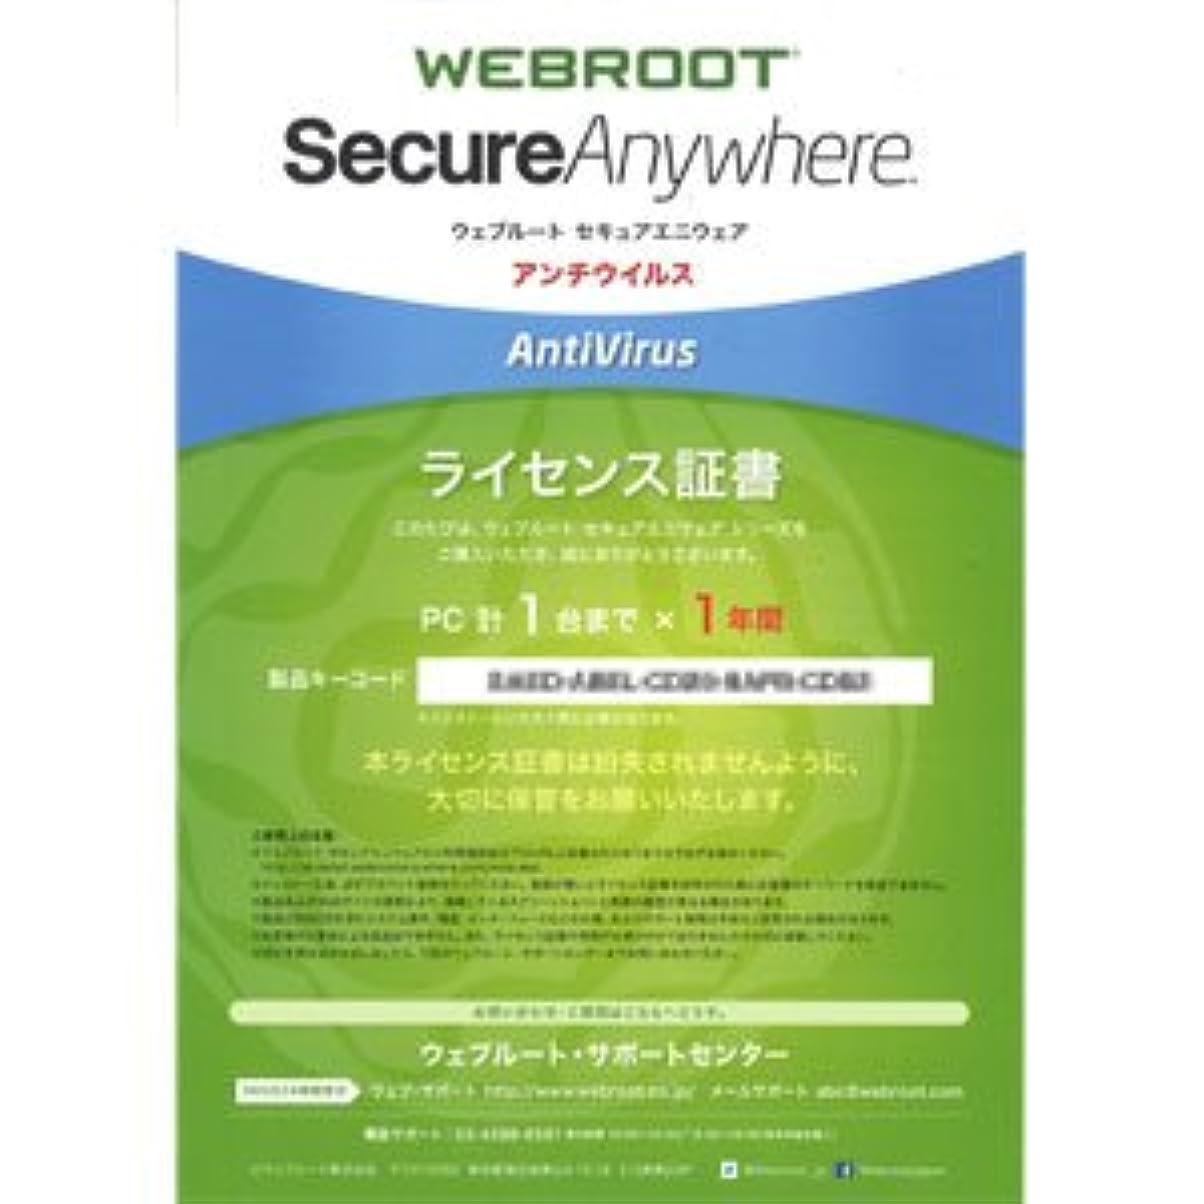 で出来ているバウンス徴収Webroot SecureAnywhere AntiVirus 1ユーザー 1年版 [ライセンス版]